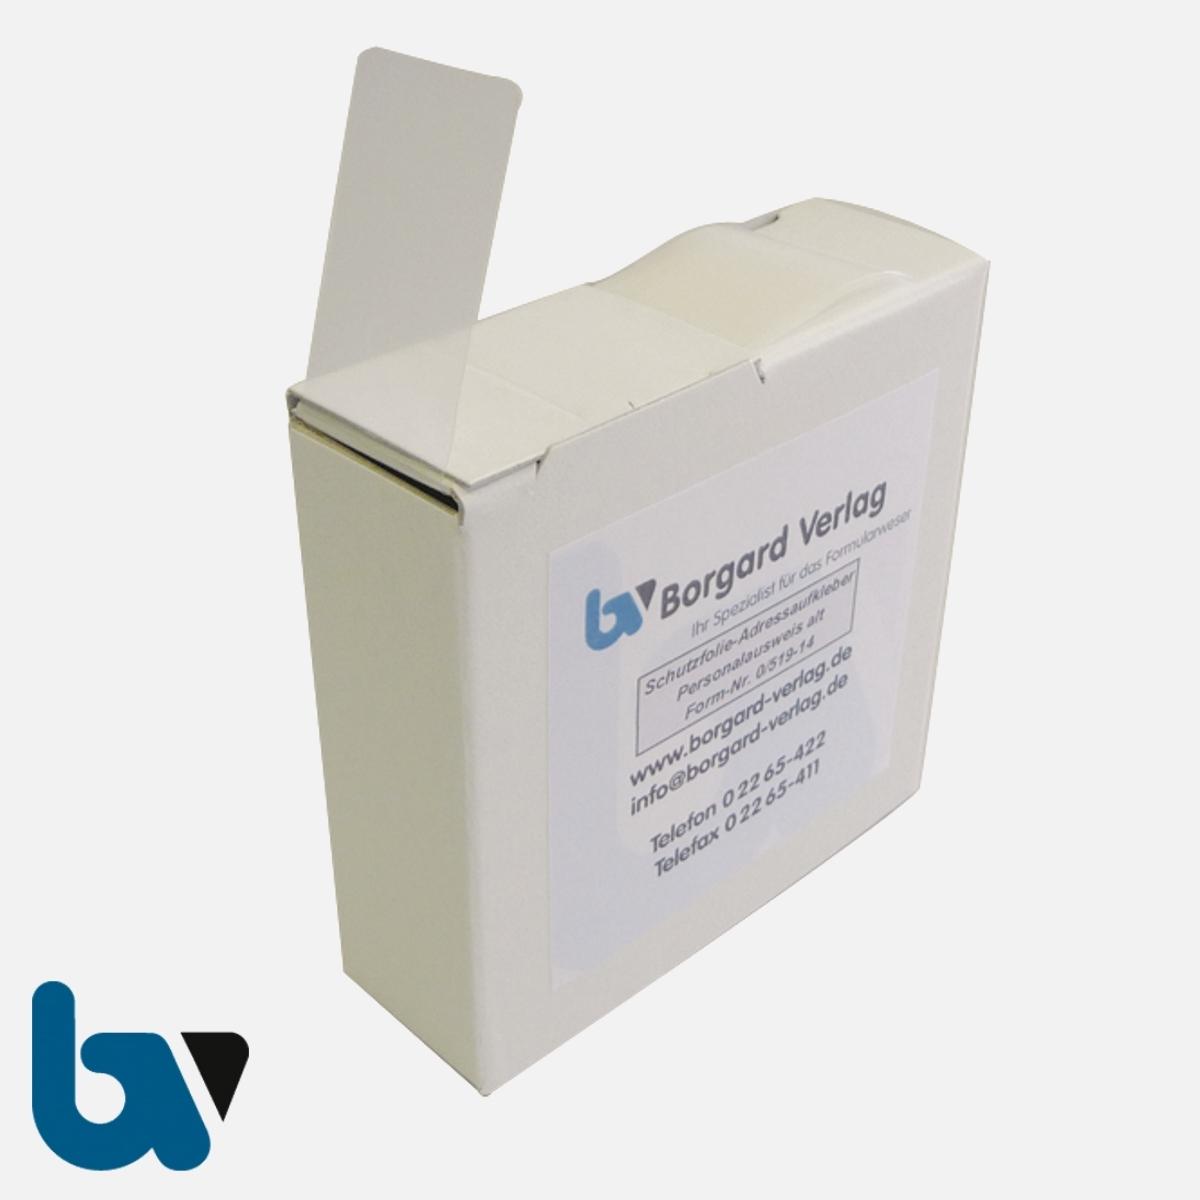 0/519-14 Schutzfolie für Adressaufkleber alter Personalausweis mit Spenderbox | Borgard Verlag GmbH